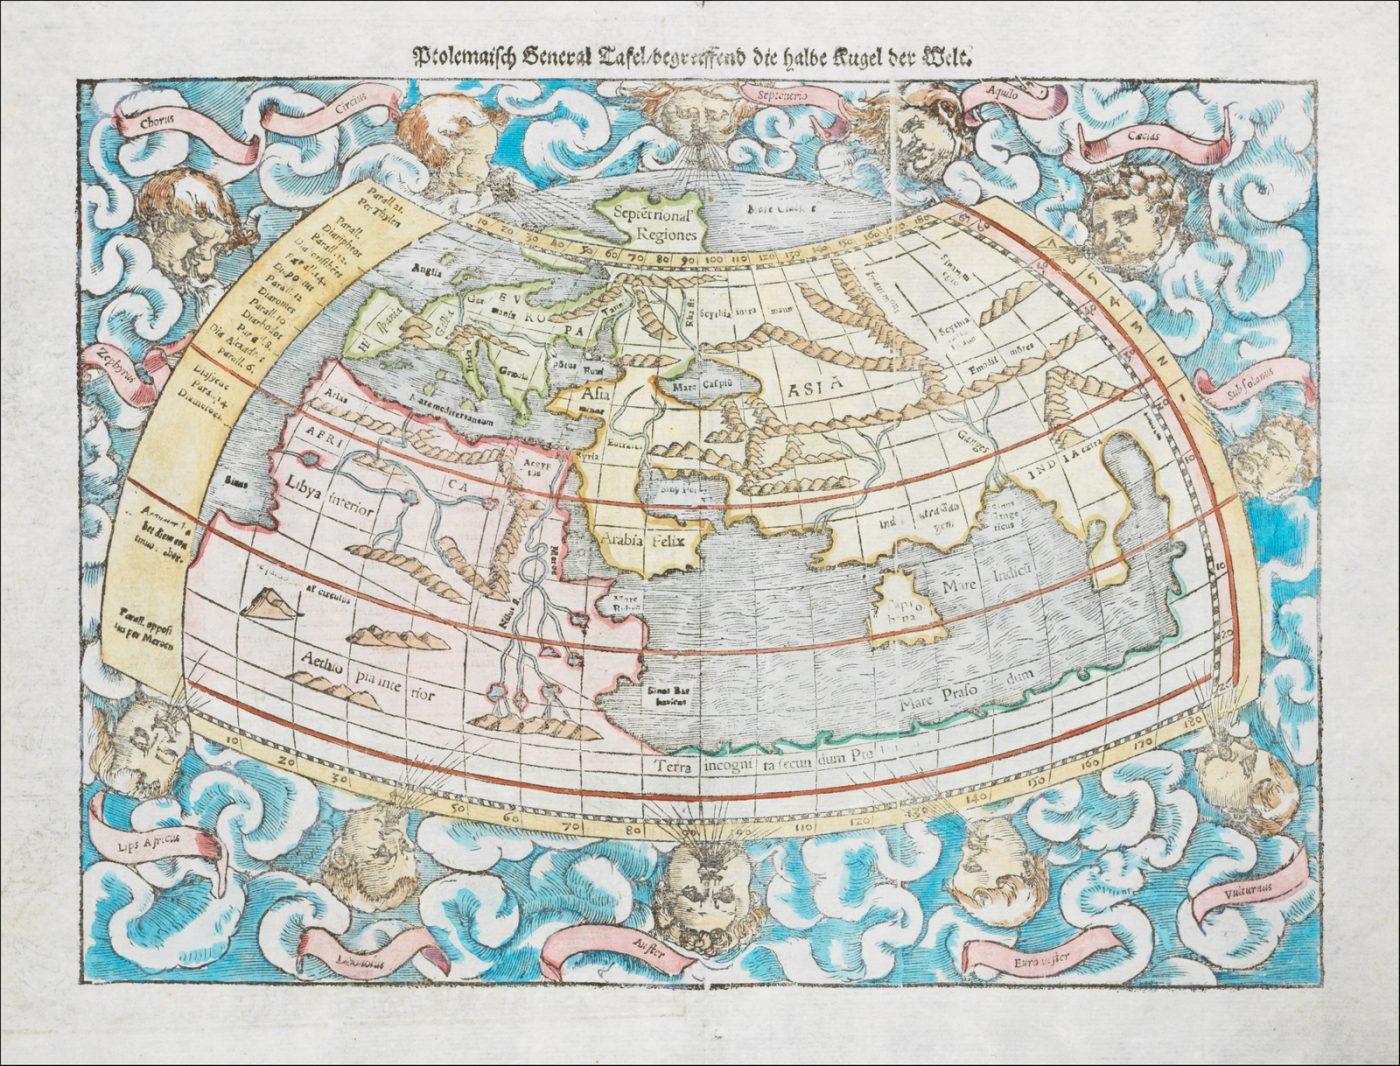 Хороший полноцветный пример первой древней карты мира Мюнстера, основанной на трудах Птолемея